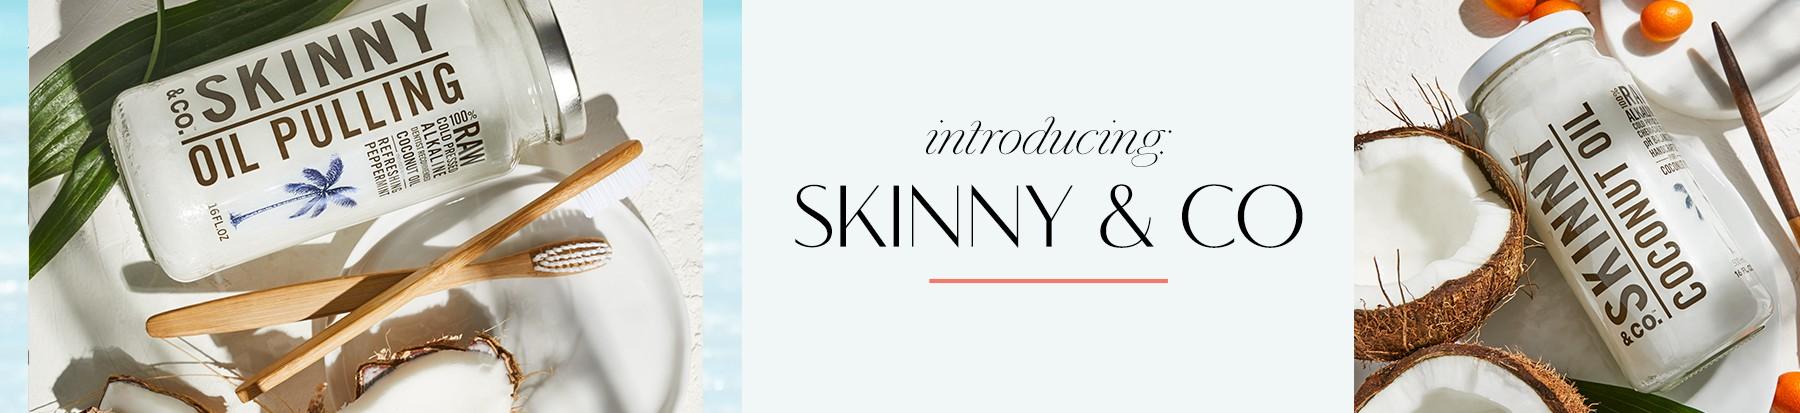 Skinny & Co Oil Pulling Coconut Oil